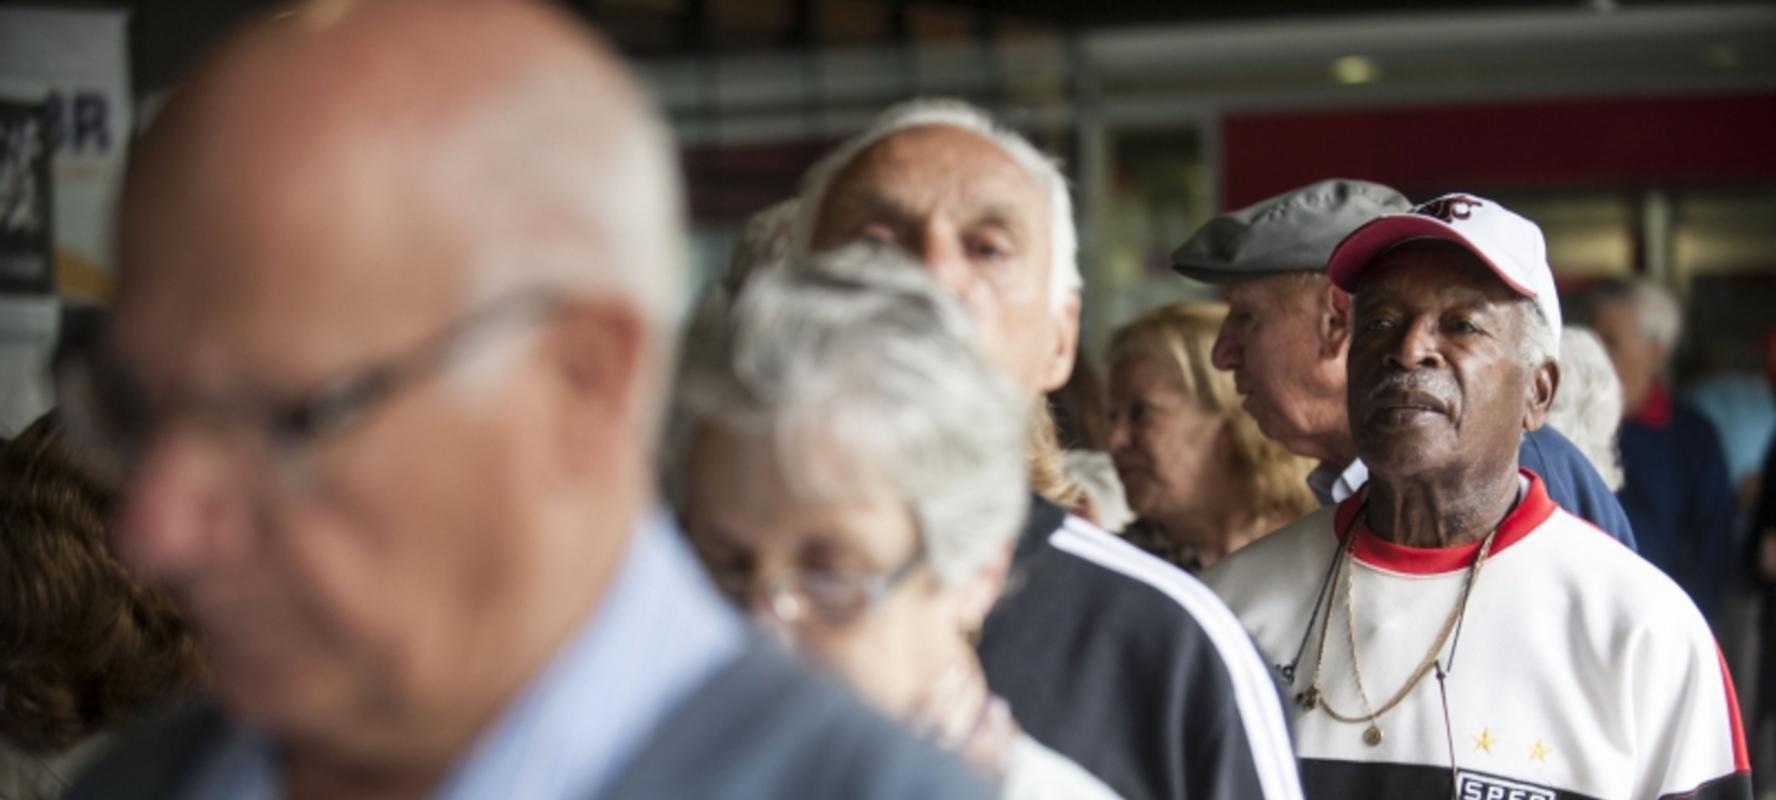 aposentar-se-aos-65-anos-ou-contribuir-por-49-anos-e-garantir-um-valor-melhor